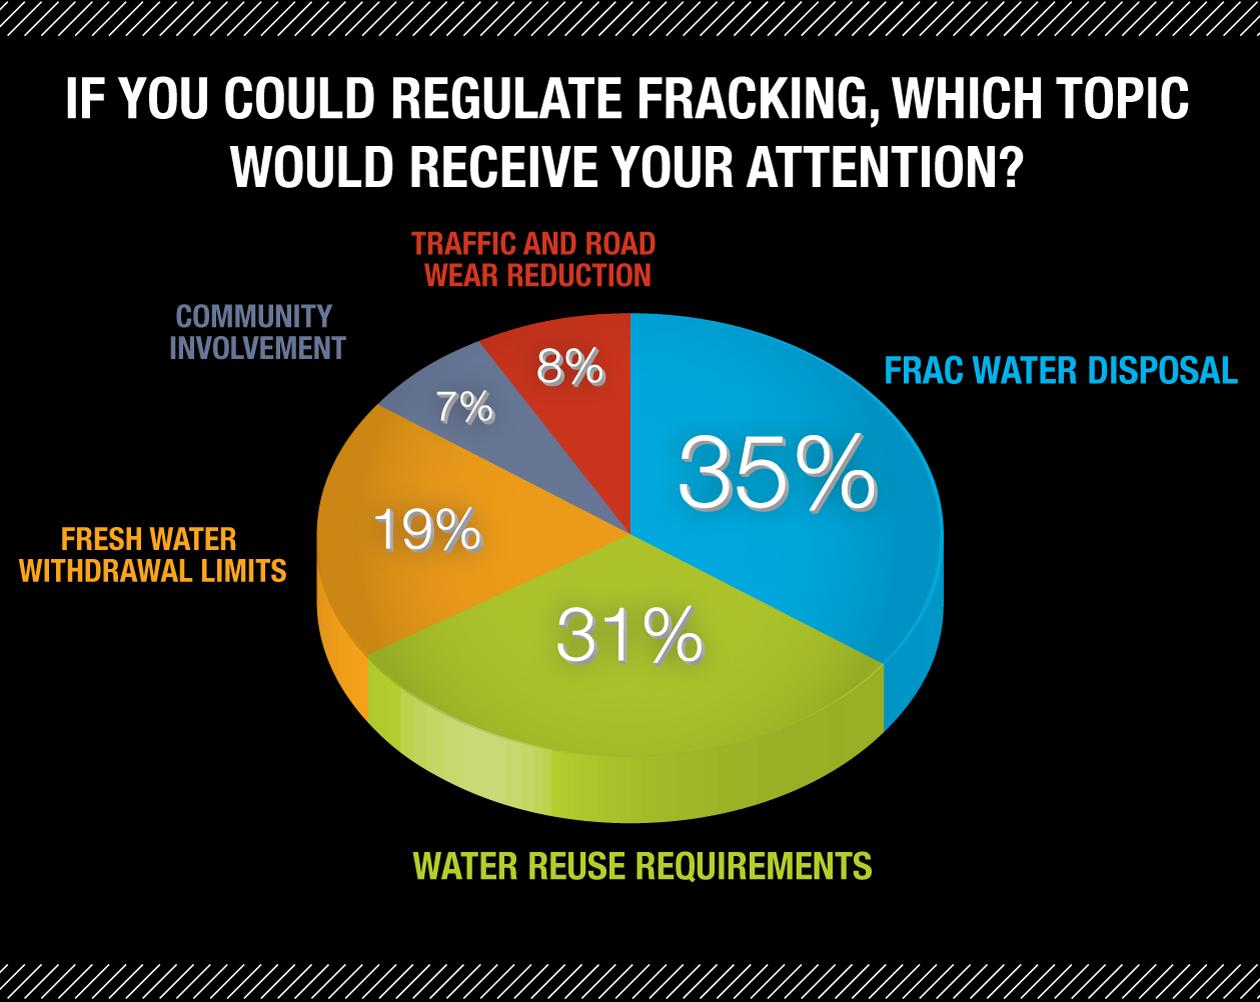 Regulating-Fracking-Results